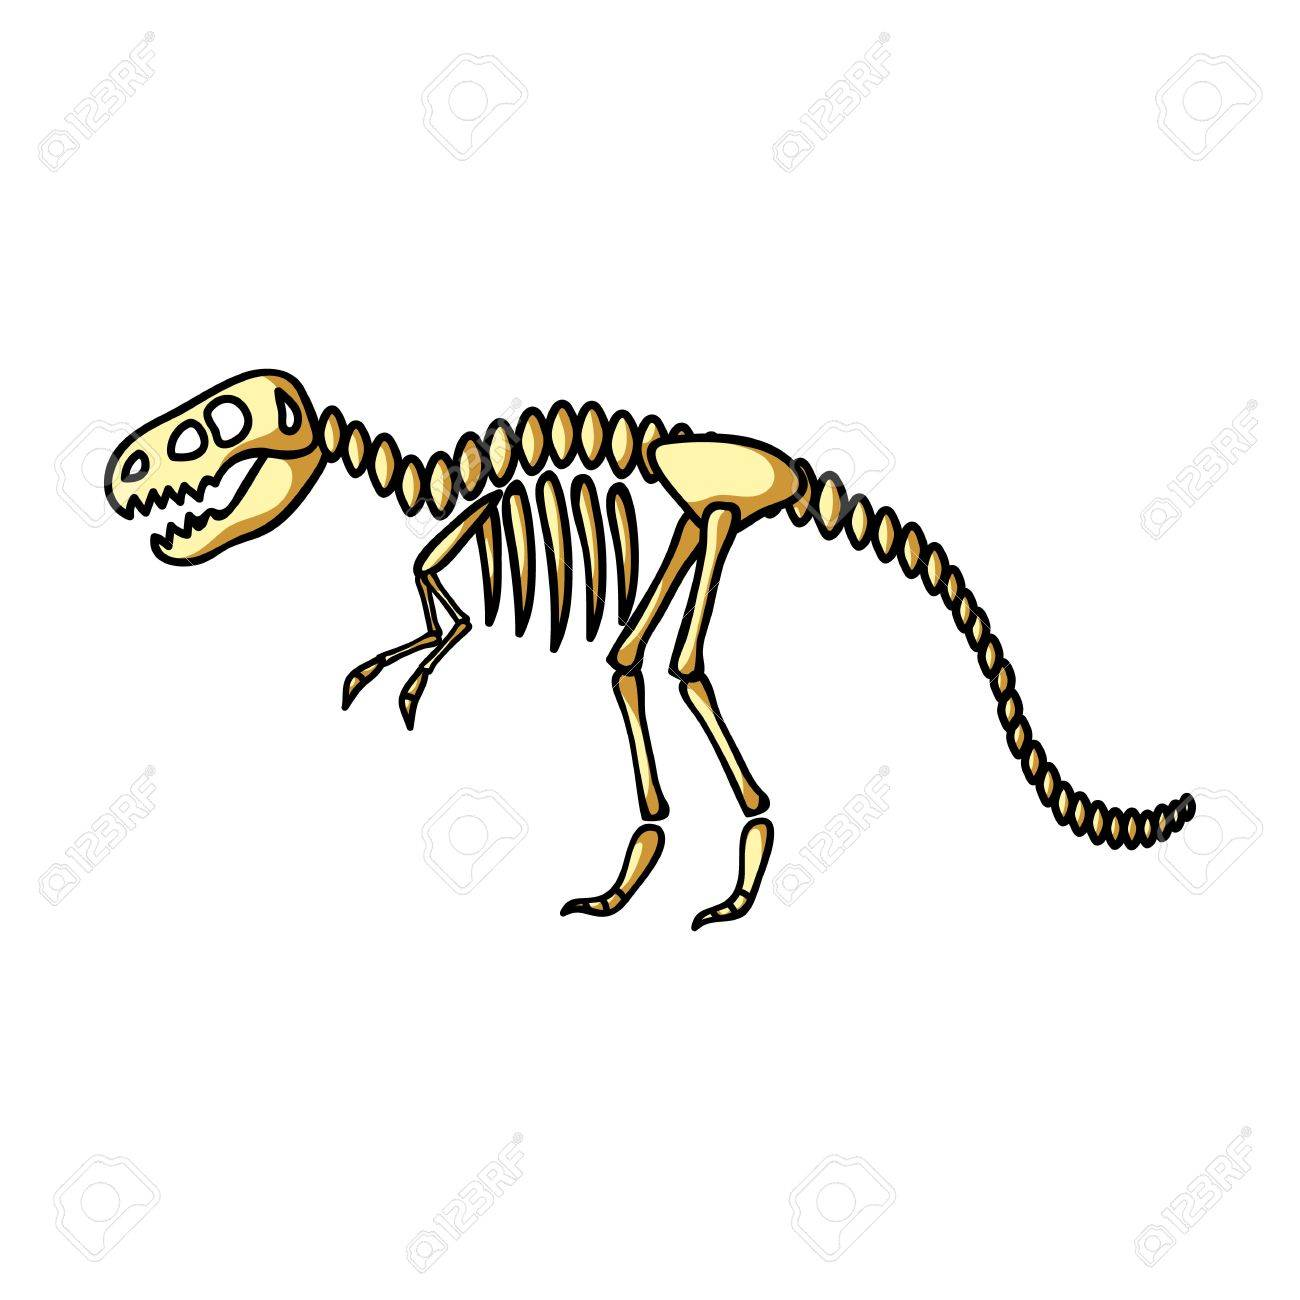 tyrannosaurus rex en icono de estilo de dibujos animados aislado en